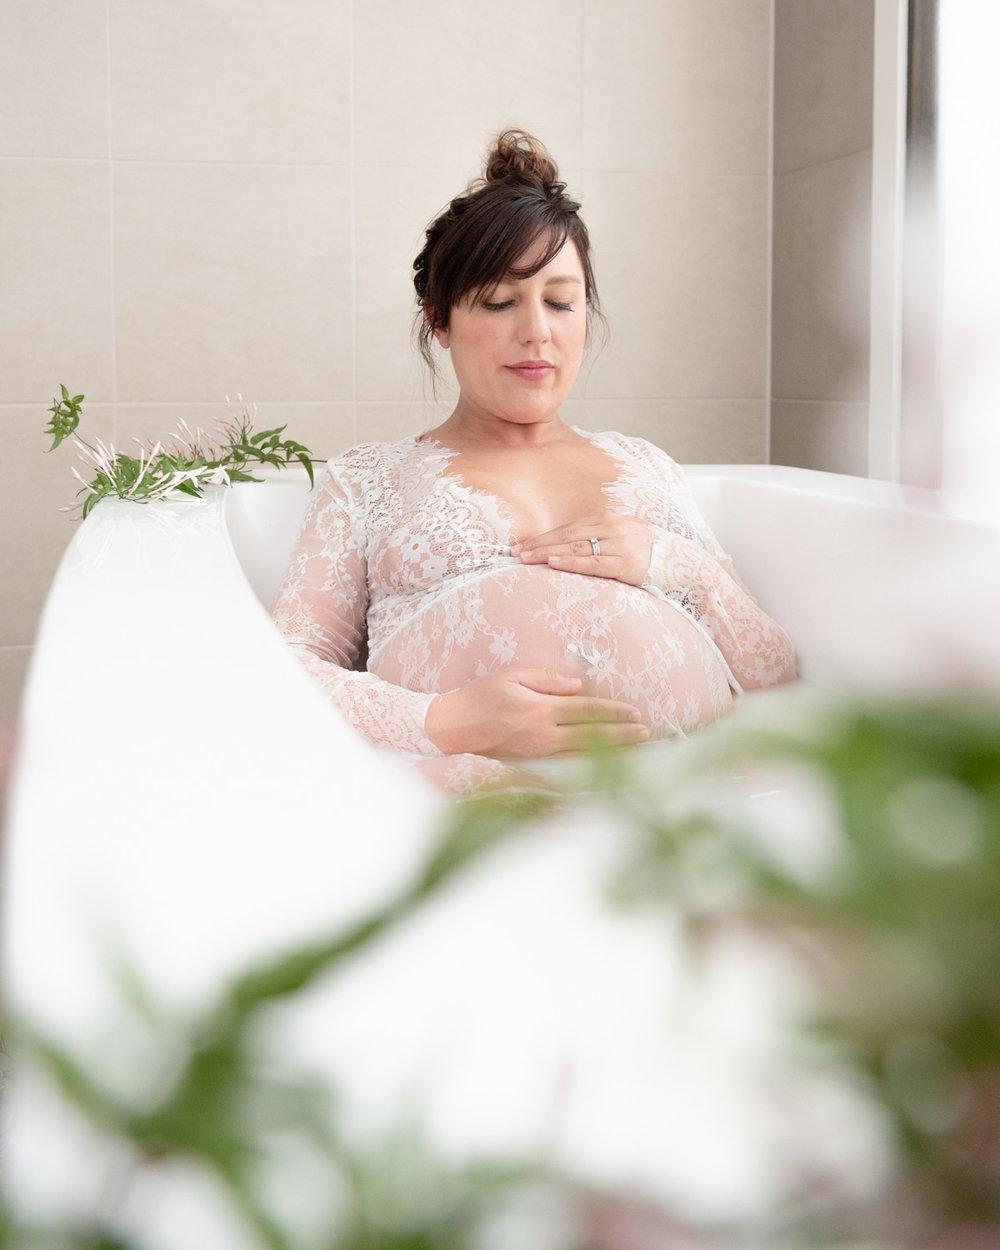 20181003-100820-shana_maternity-37weeks.jpg